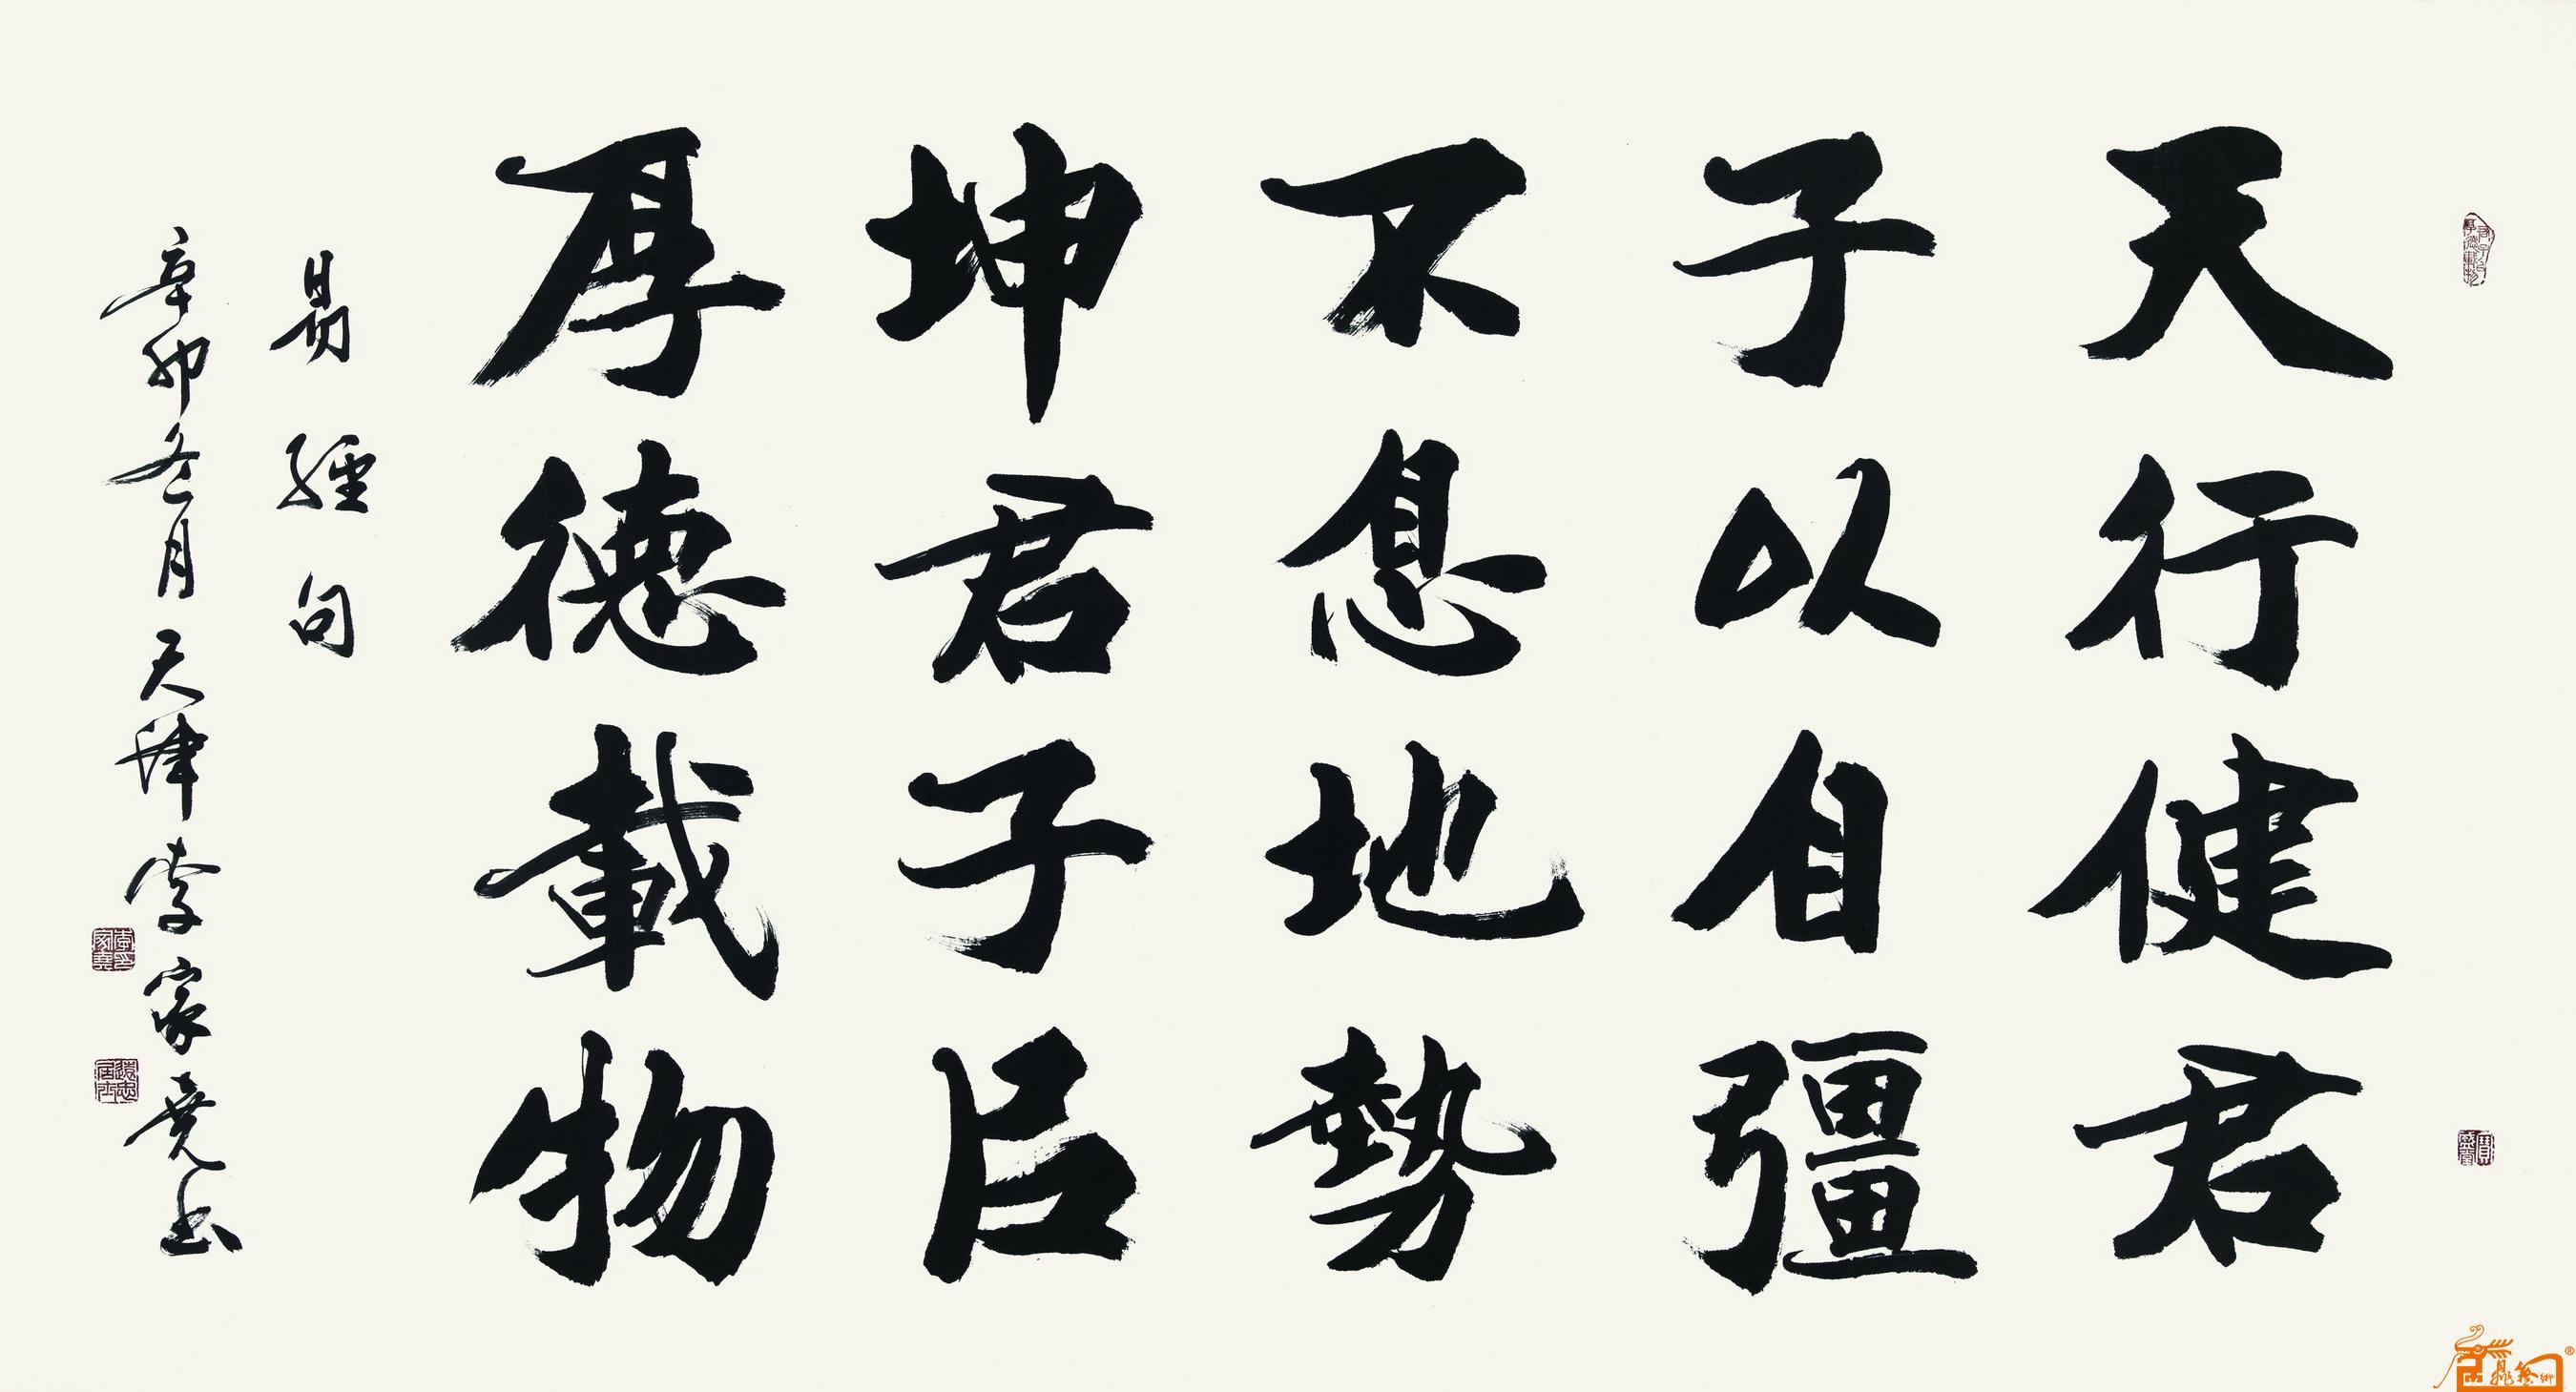 李家尧 易经 选句 淘宝 名人字画 中国书画交易中心